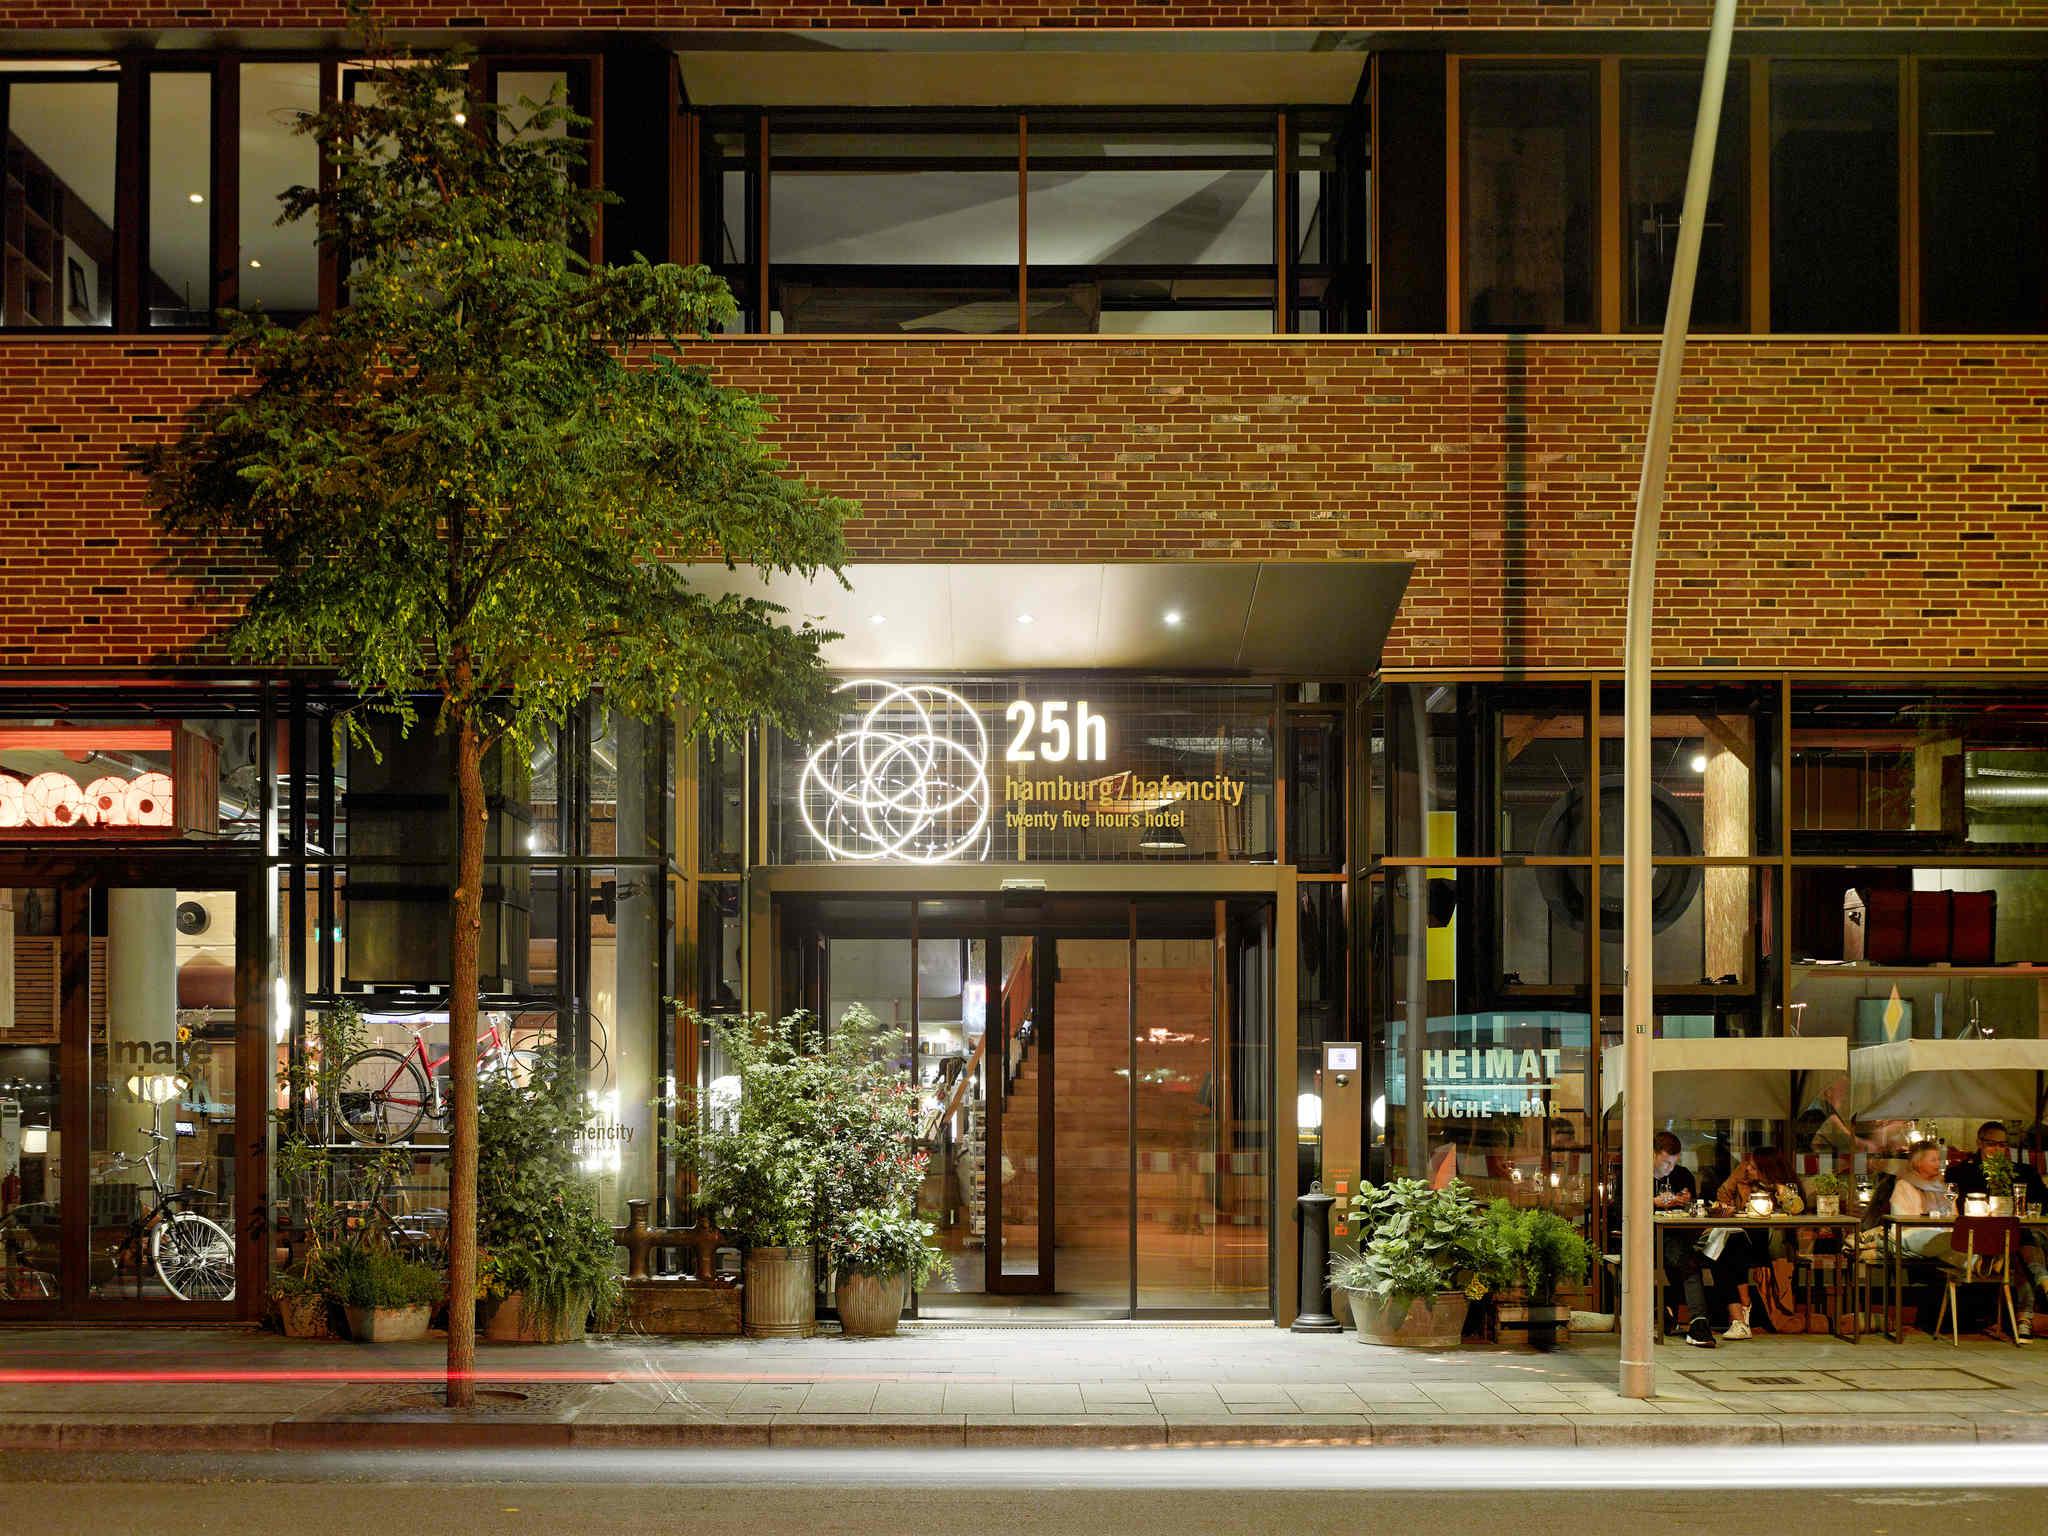 ホテル – 25 アワーズ ホテル ハンブルク ハーフェンシティ